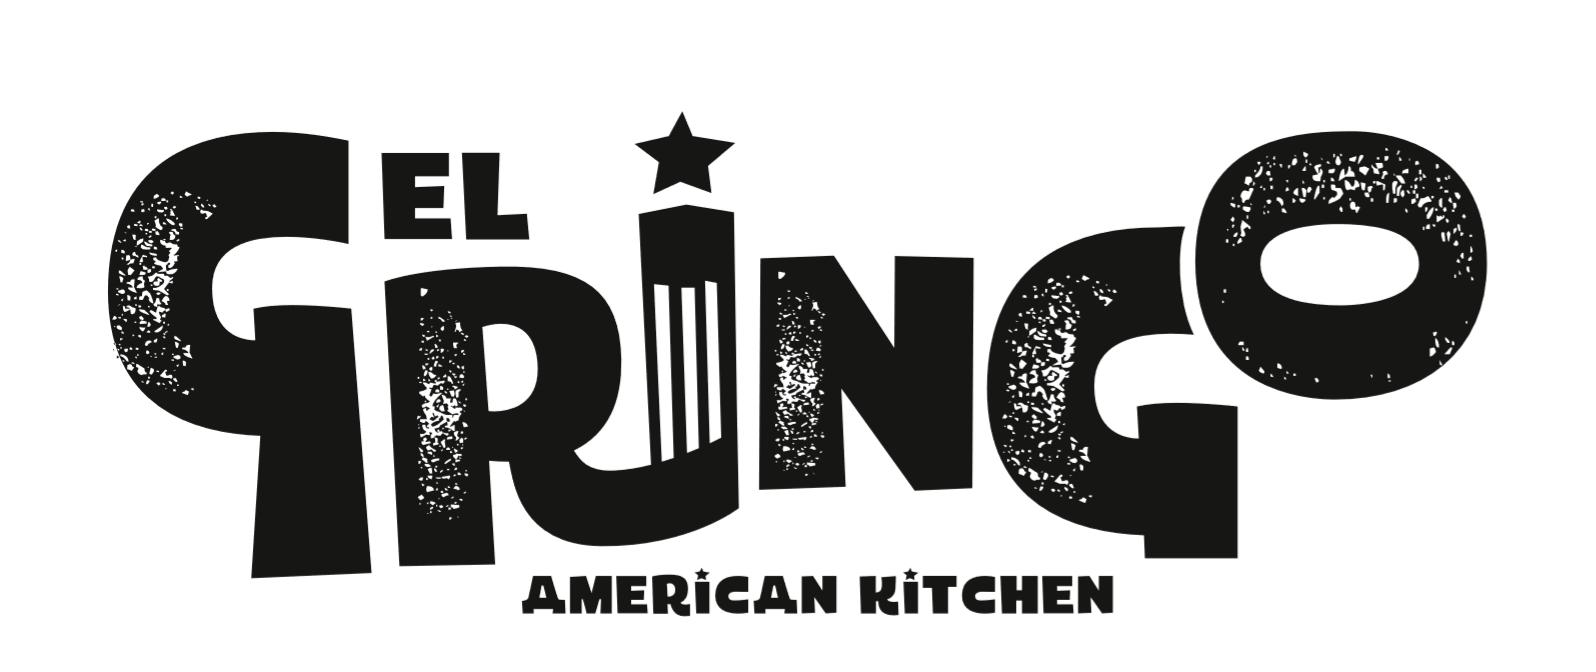 copia-de-logo-el-gringo